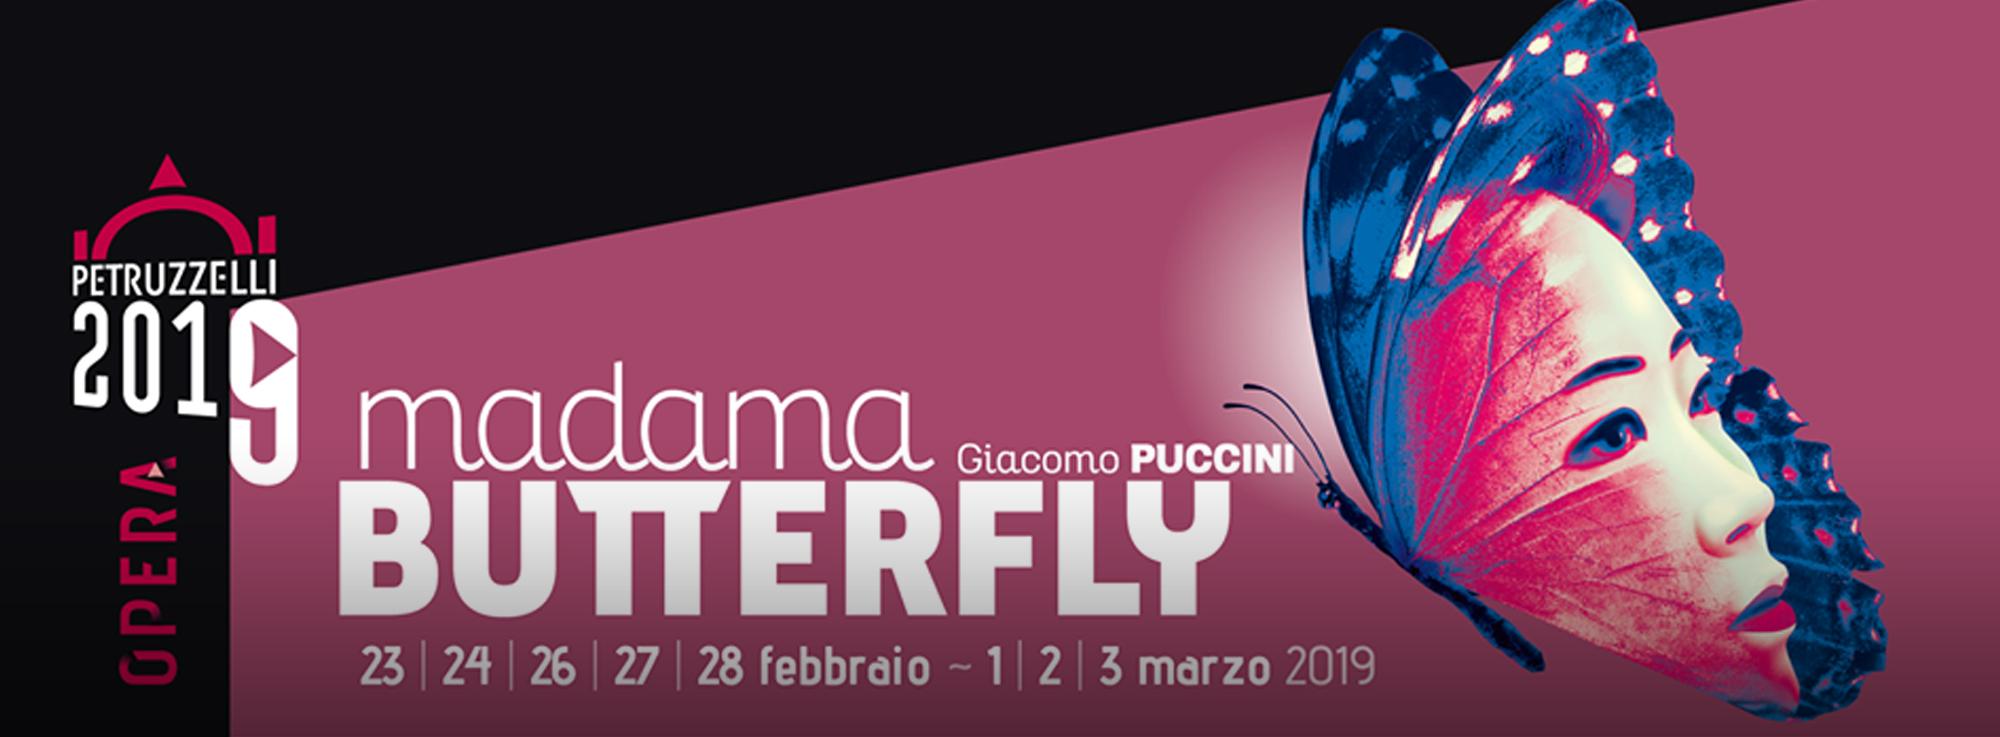 Bari: Madama Butterfly